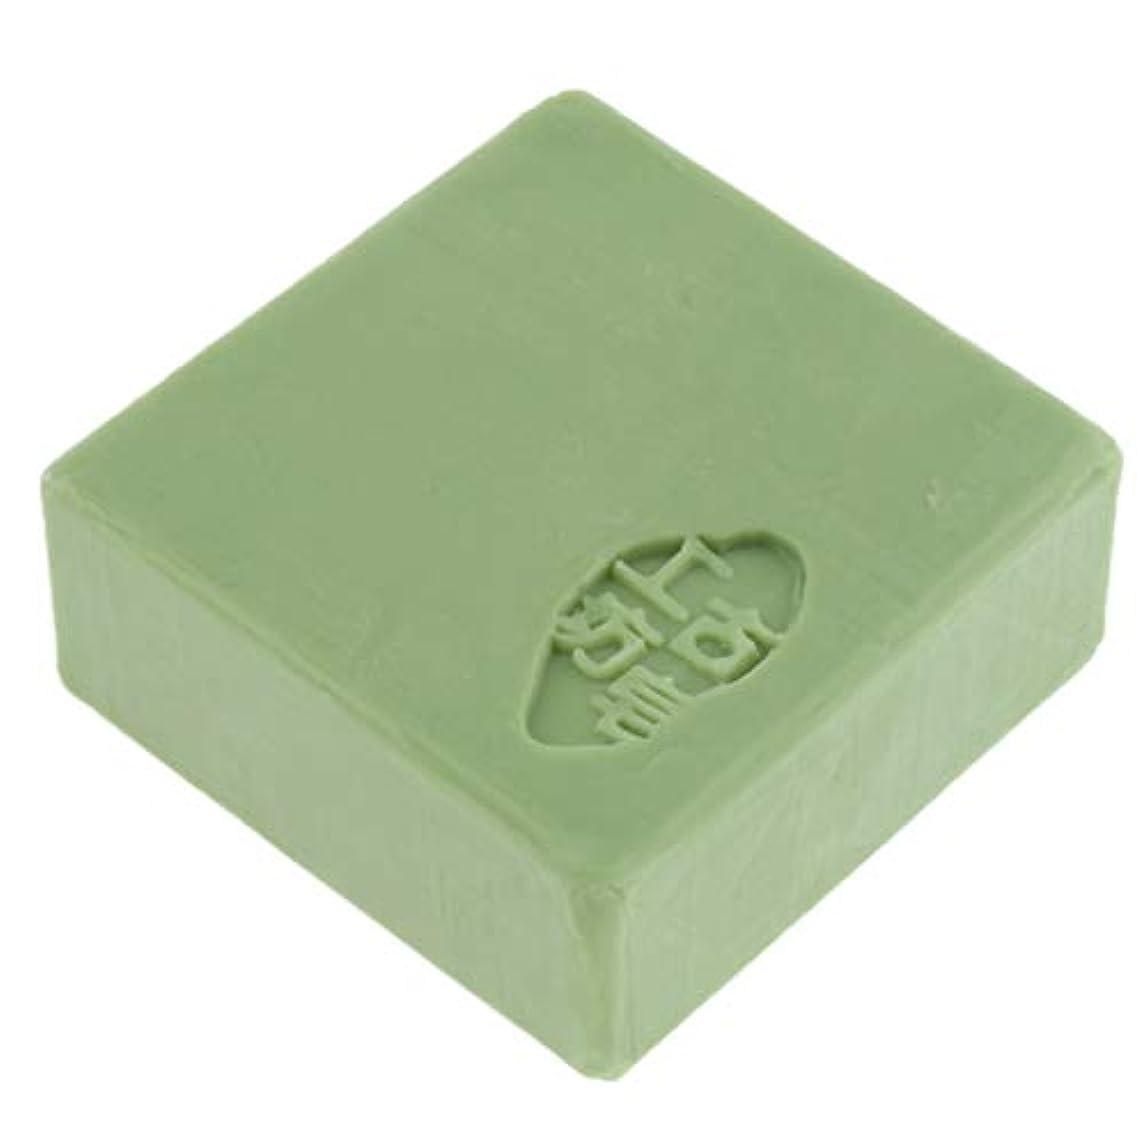 スイング認知見通し全3色 バス スキンケア フェイス ボディソープ 石鹸 保湿 肌守り - 緑